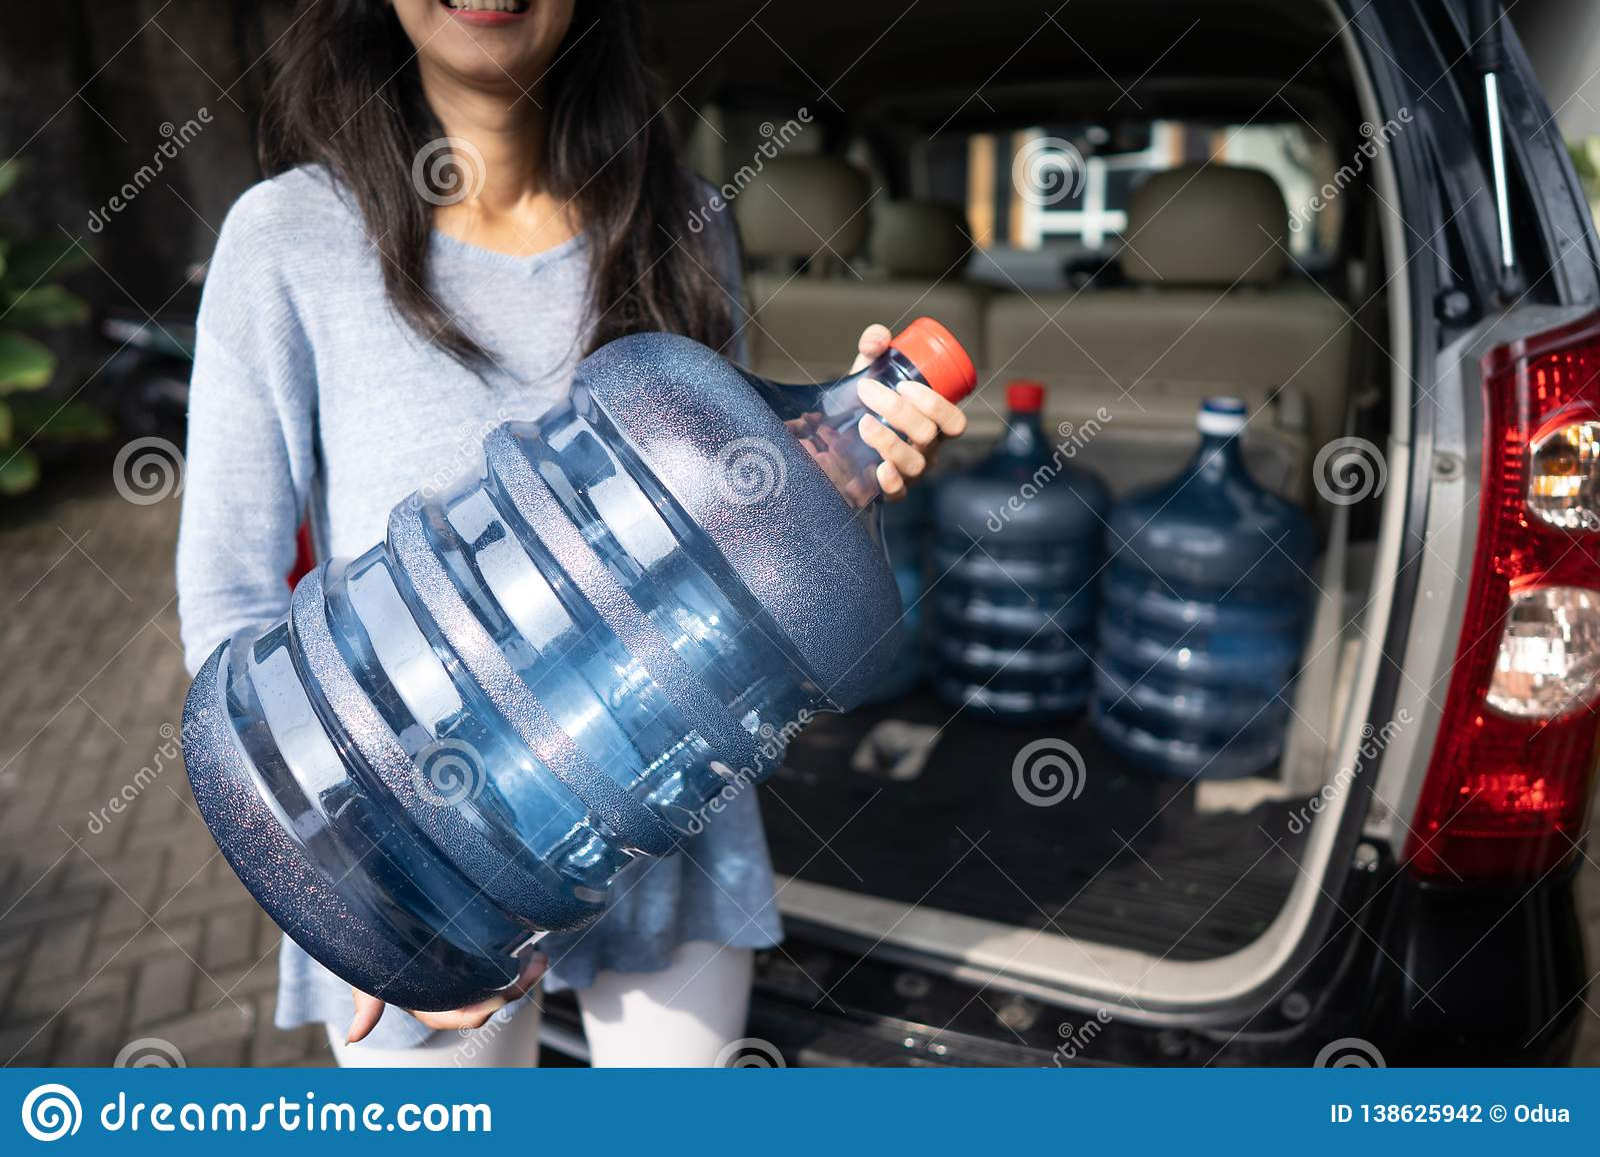 Het kopen van een nieuwe gallon water